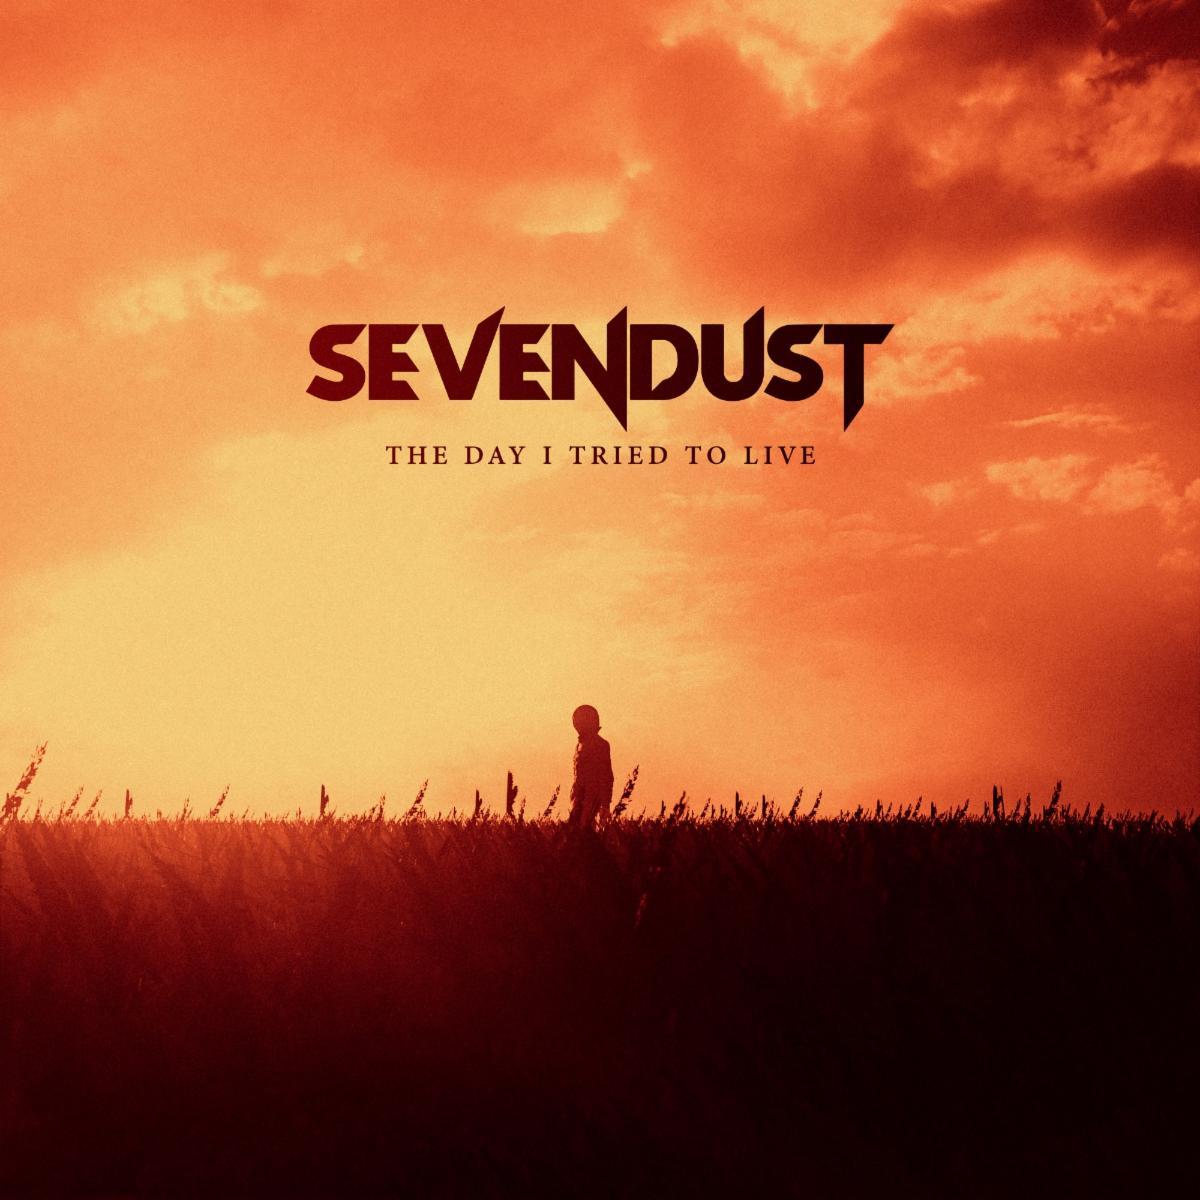 Sevendust Release Soundgarden Cover